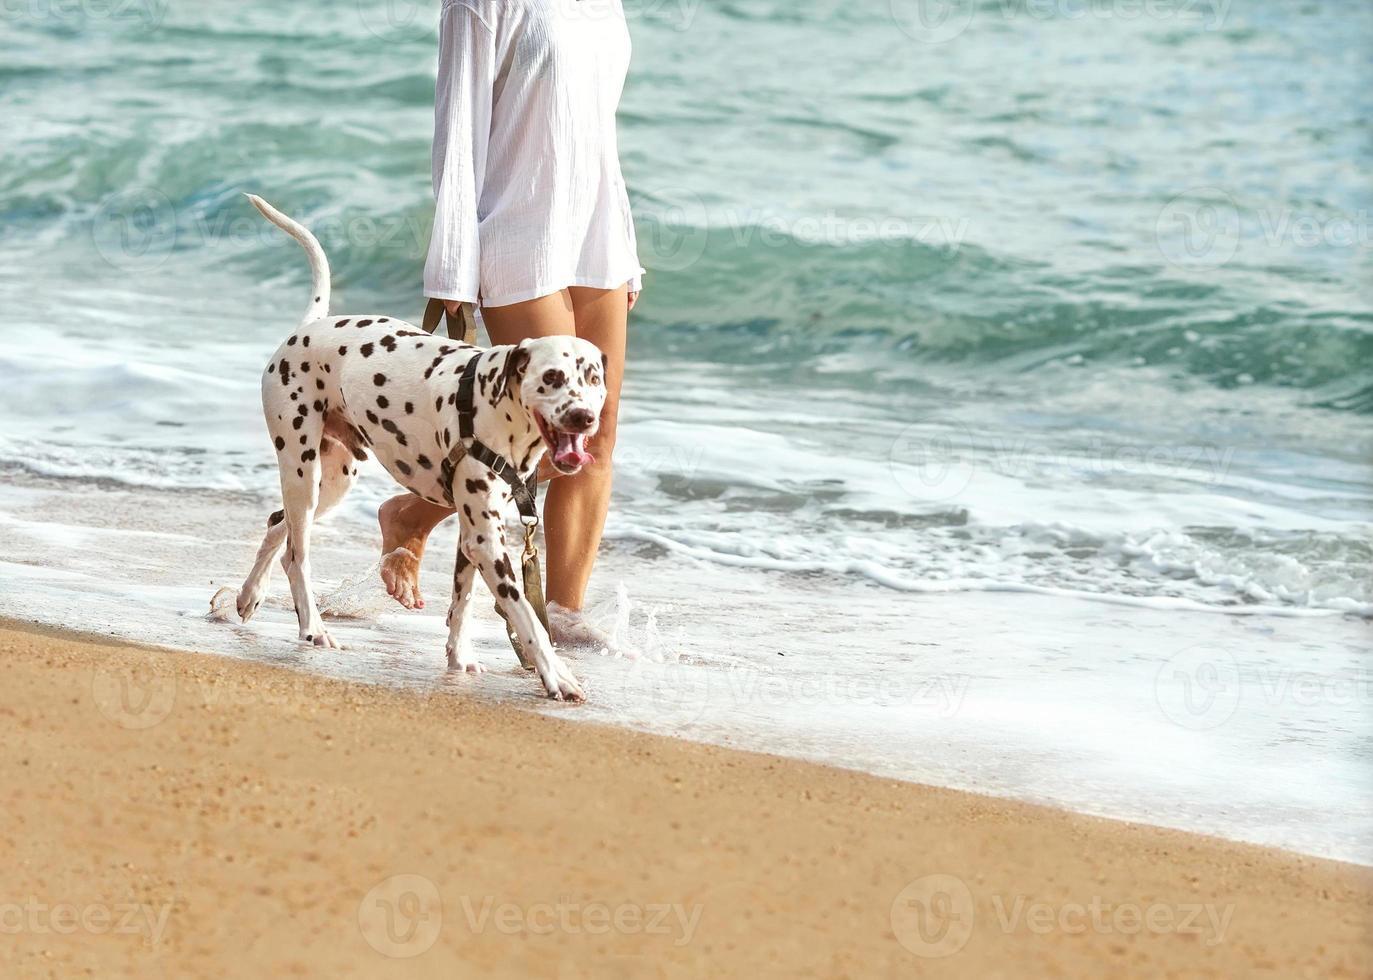 ragazza con un cane che cammina sul mare foto